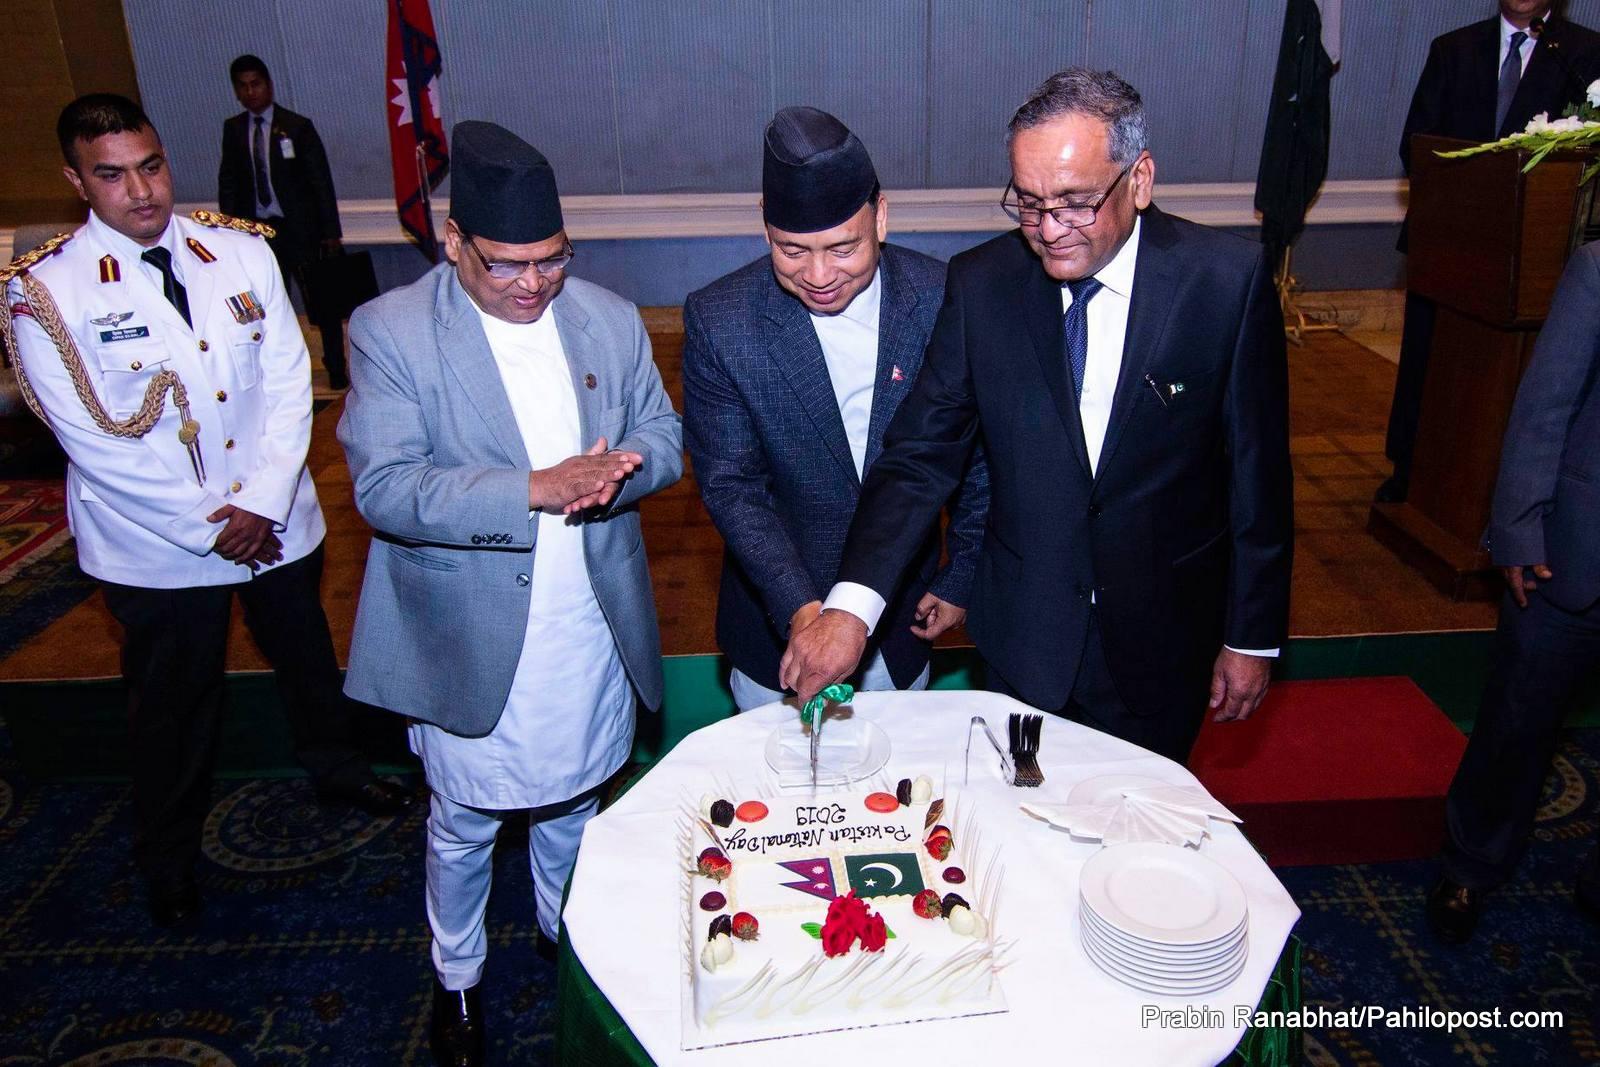 पाकिस्तानको राष्ट्रिय दिवसमा 'समृद्ध नेपाल सुखी नेपाली'को नारा